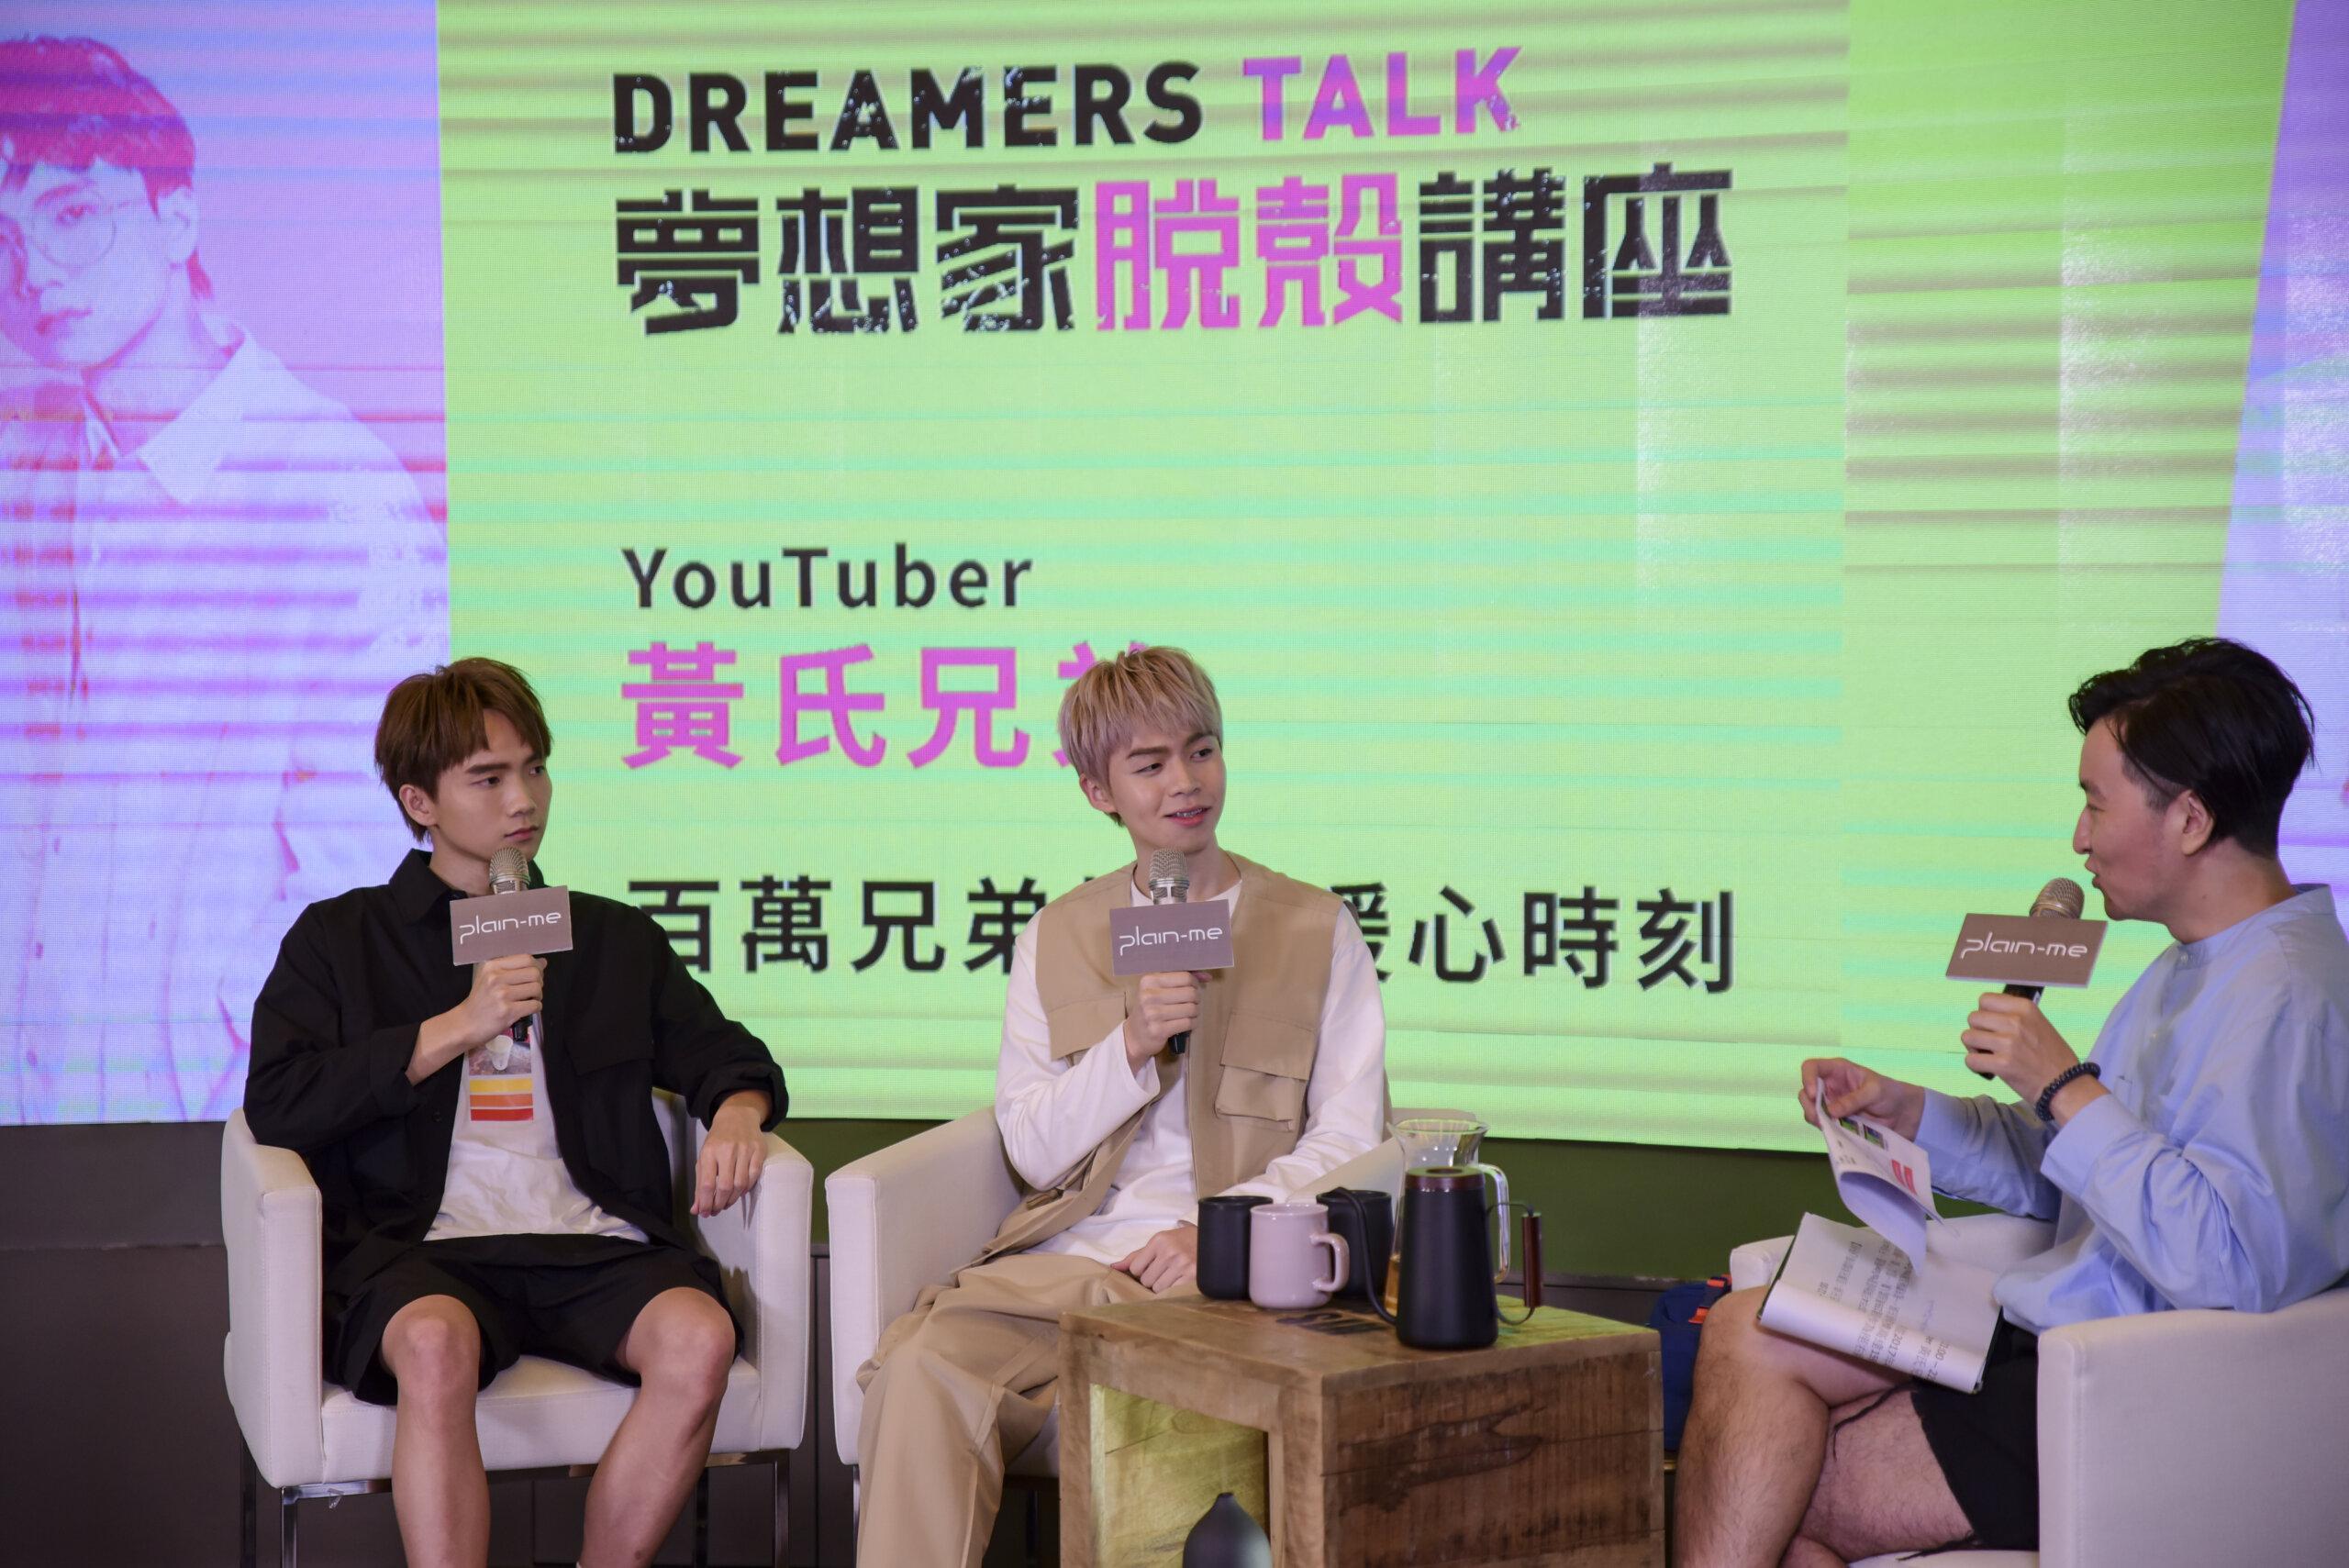 黃氏兄弟,黃氏兄弟 哲哲,黃氏兄弟瑋瑋,youtuber,youtuber 台灣,專訪,學生講座